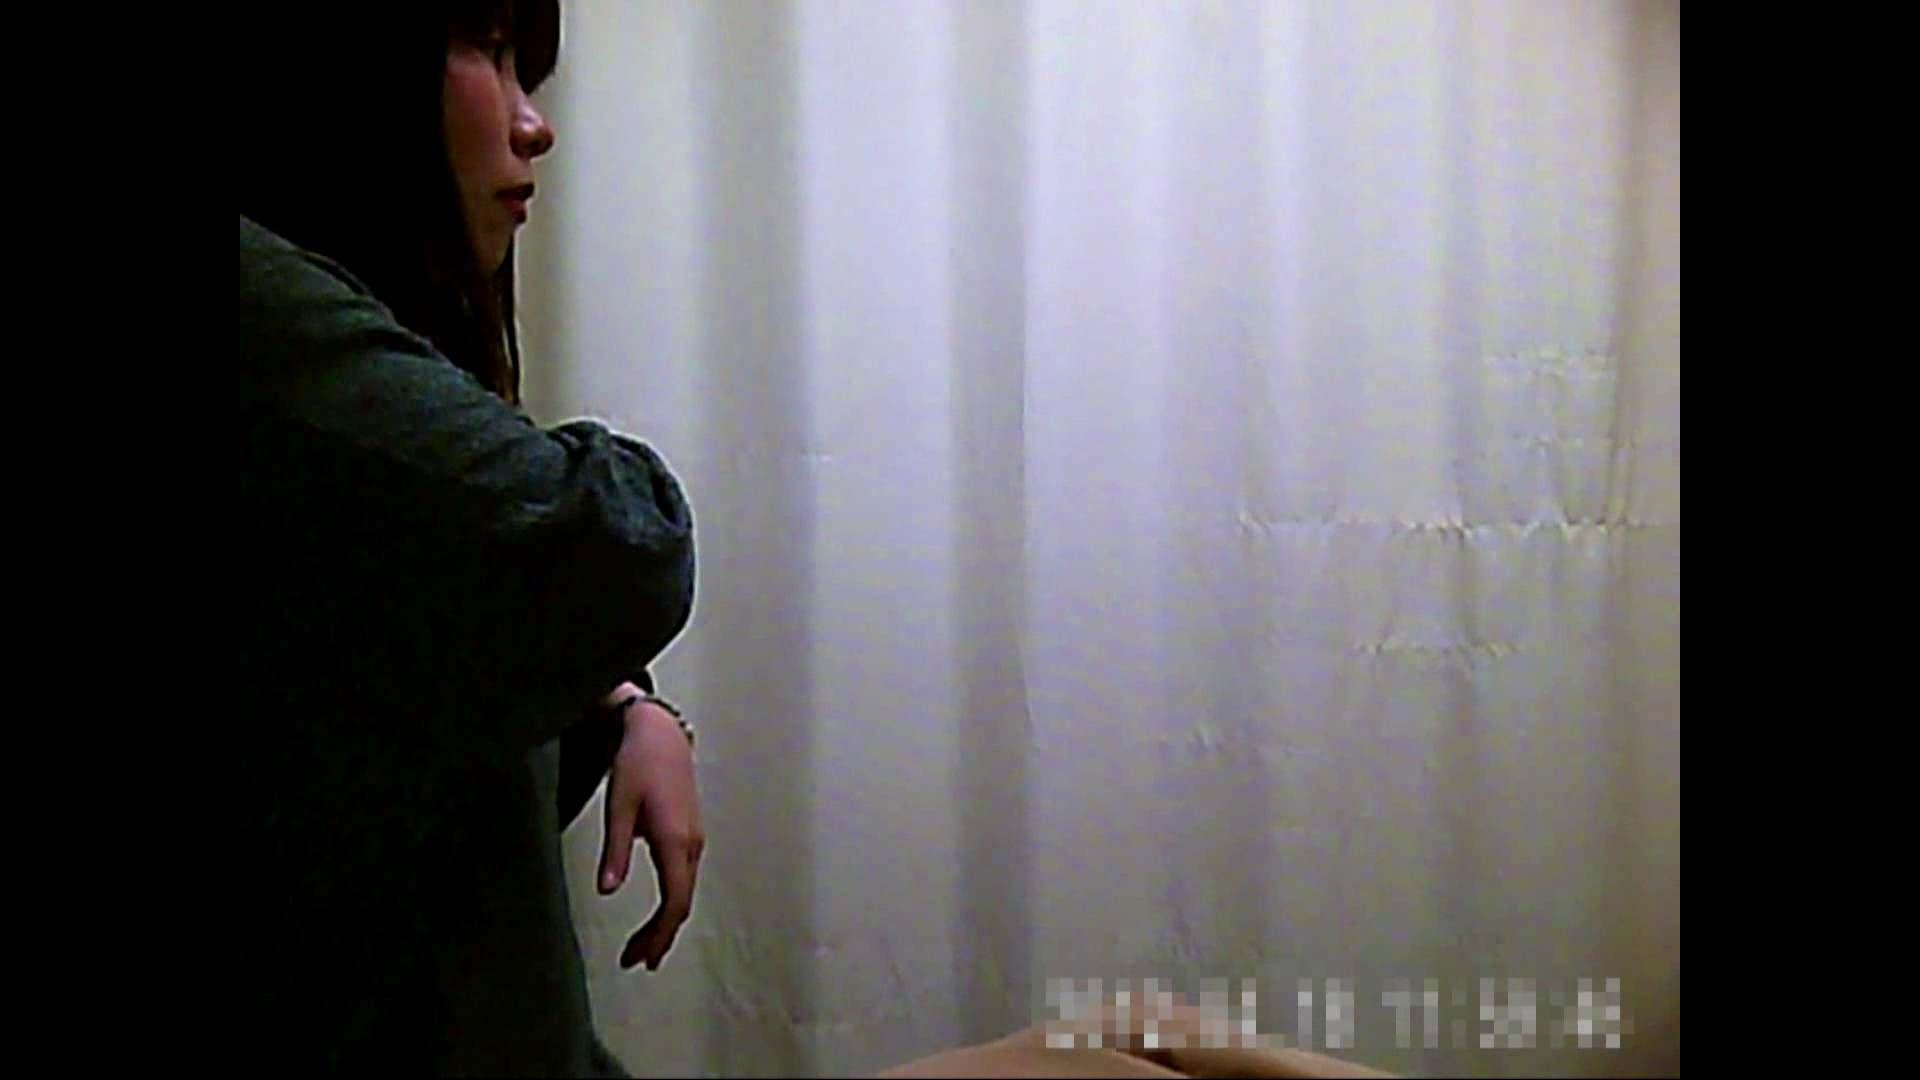 病院おもいっきり着替え! vol.281 盗撮師作品 オメコ動画キャプチャ 102pic 17